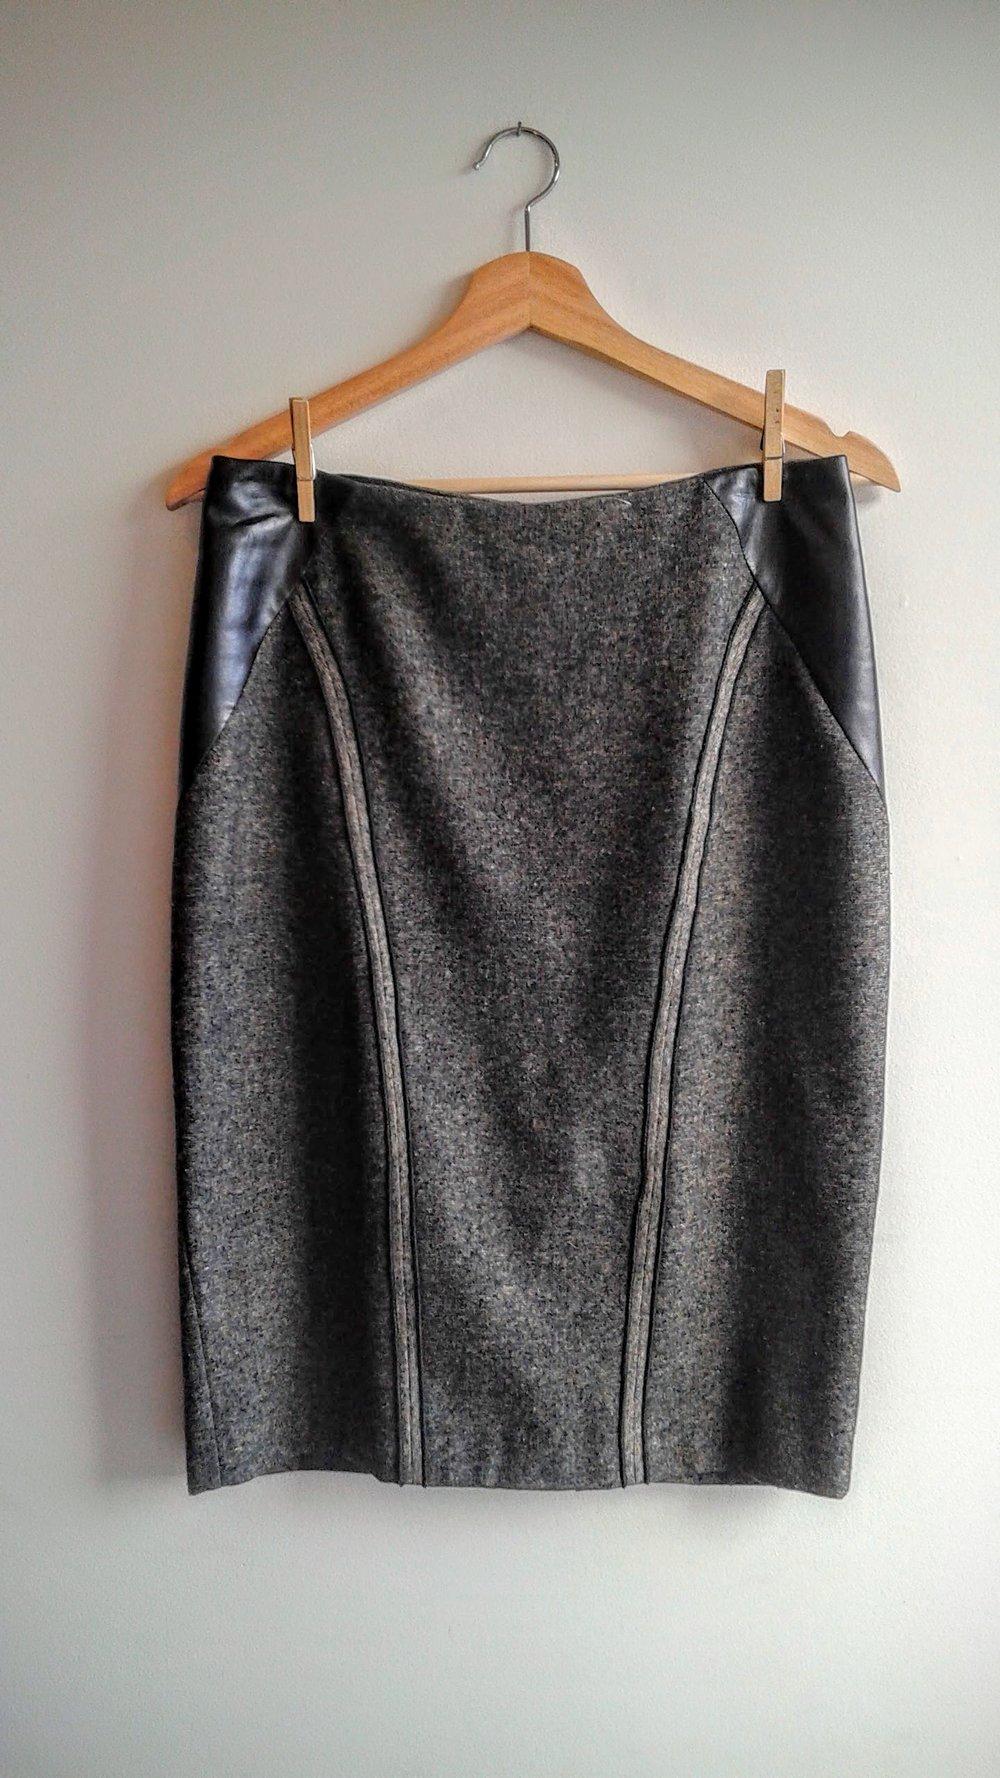 Iris Setlakwe skirt; S4, $22